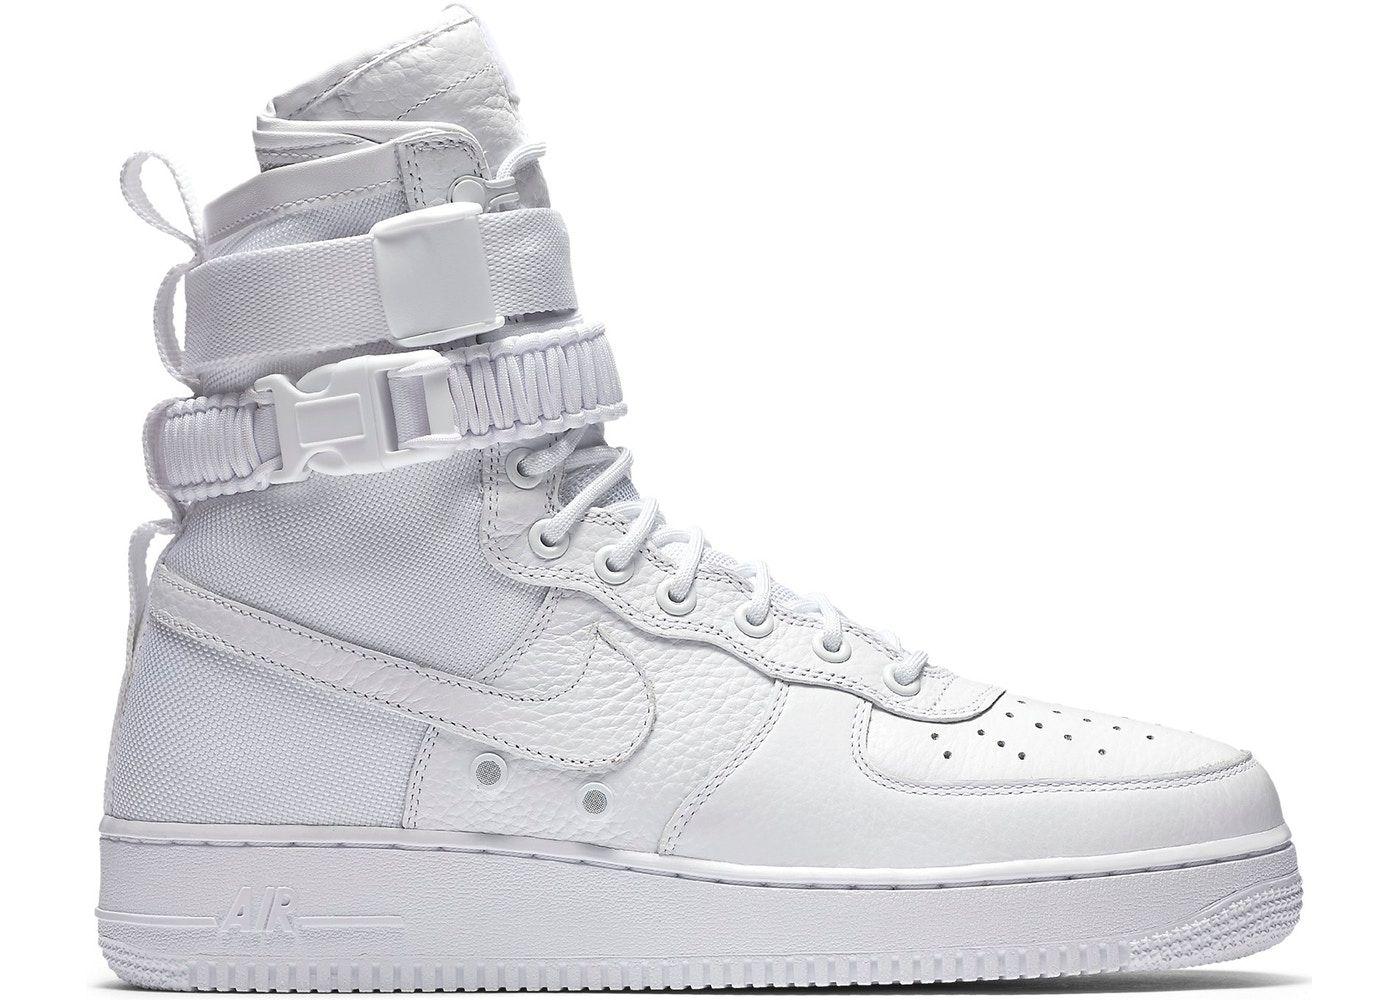 Nike Sf Air Force 1 High White 2017 In 2020 Nike Shoes Air Force Sneakers Men Fashion Sneakers Fashion